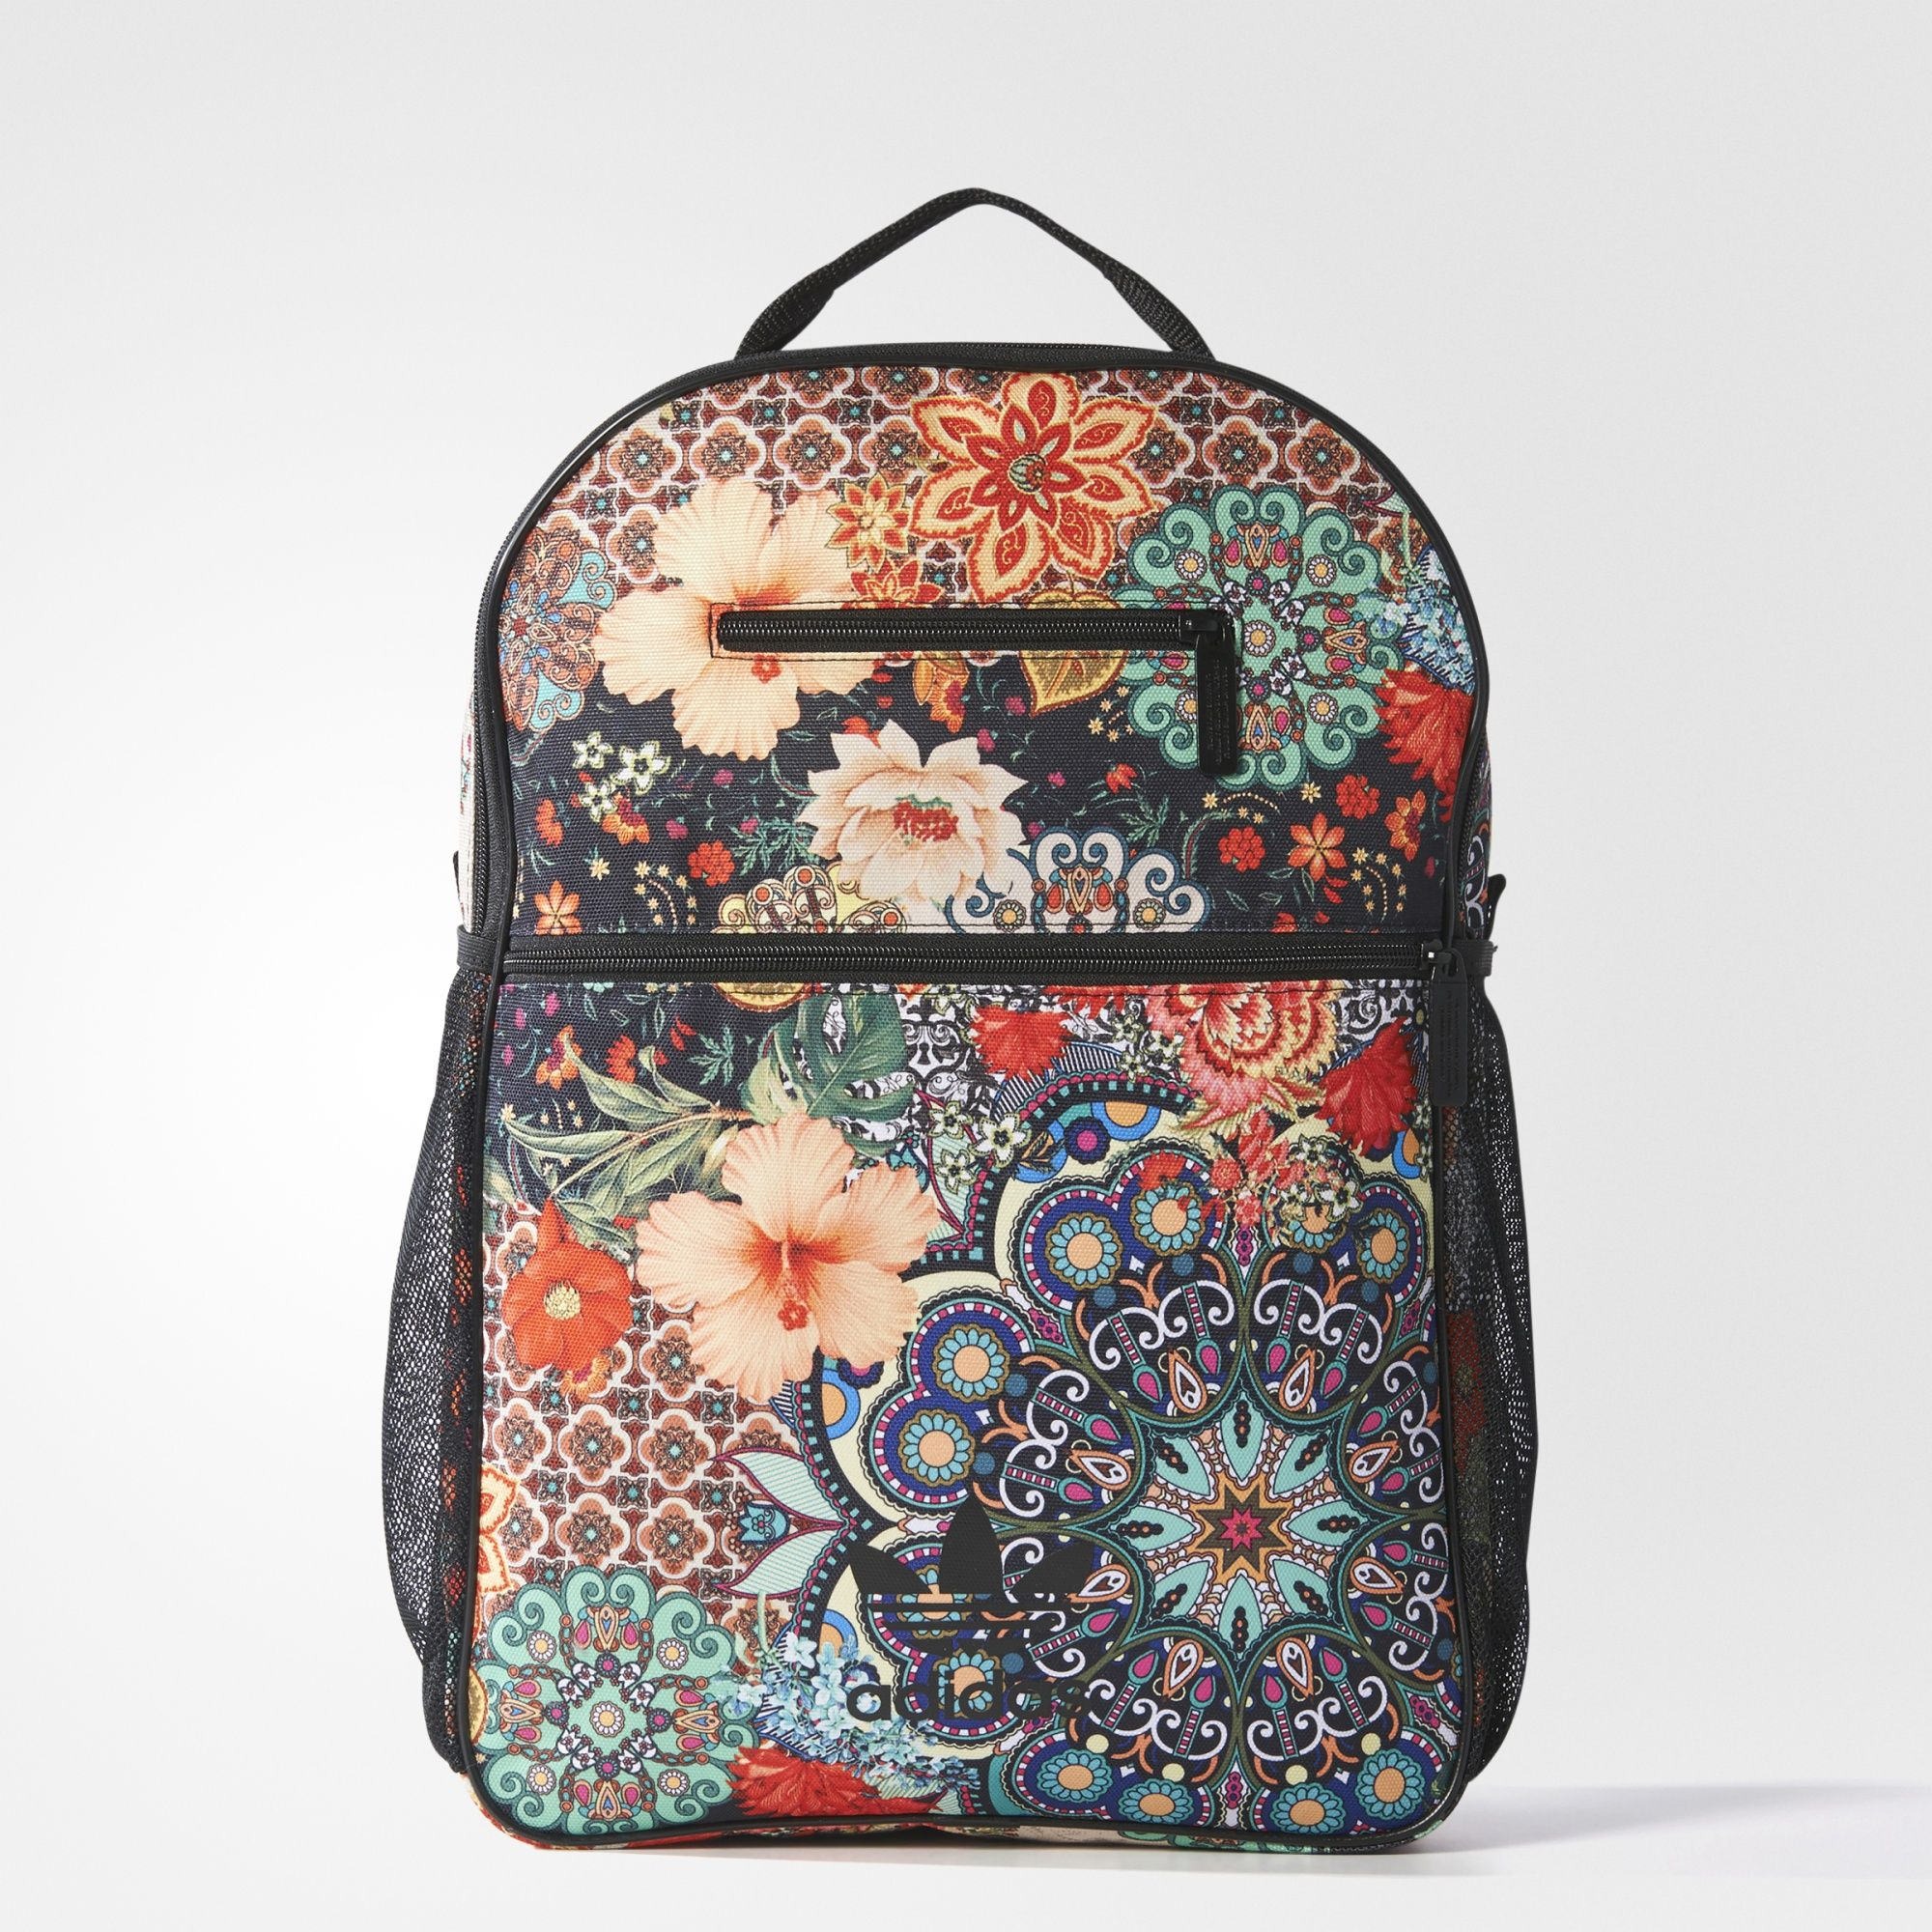 2c6431cb860d ... backpacks by Miranda Doyle. Äkta adidasstil med brasilianskt  streetmode. Denna ryggsäck är designad i samarbete med brasilianska The FARM